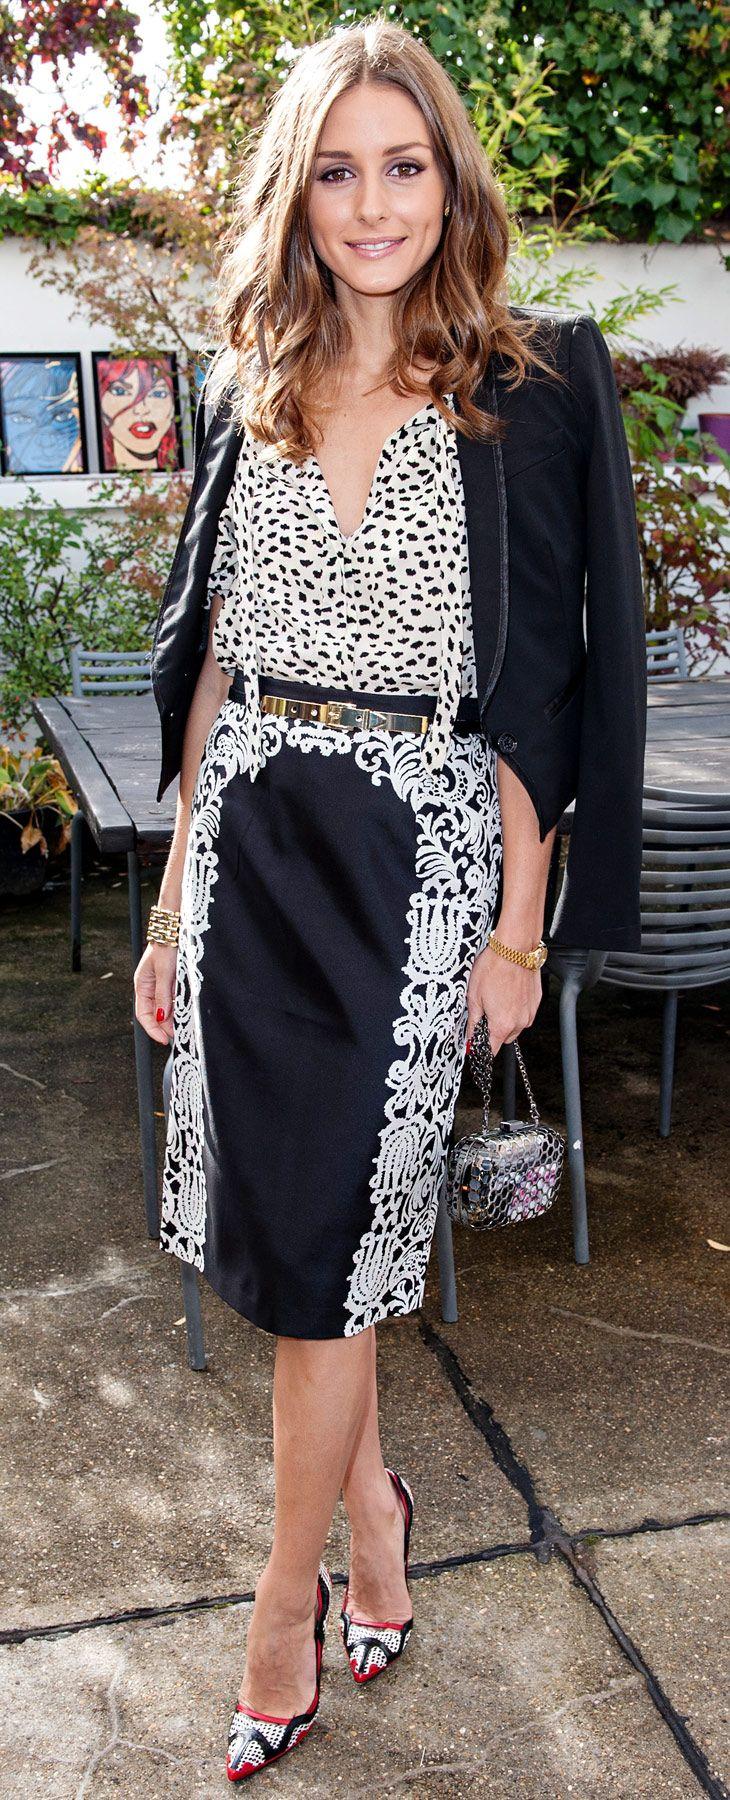 Tibi skirt and Manolo Blahnik heels (oct 2012)